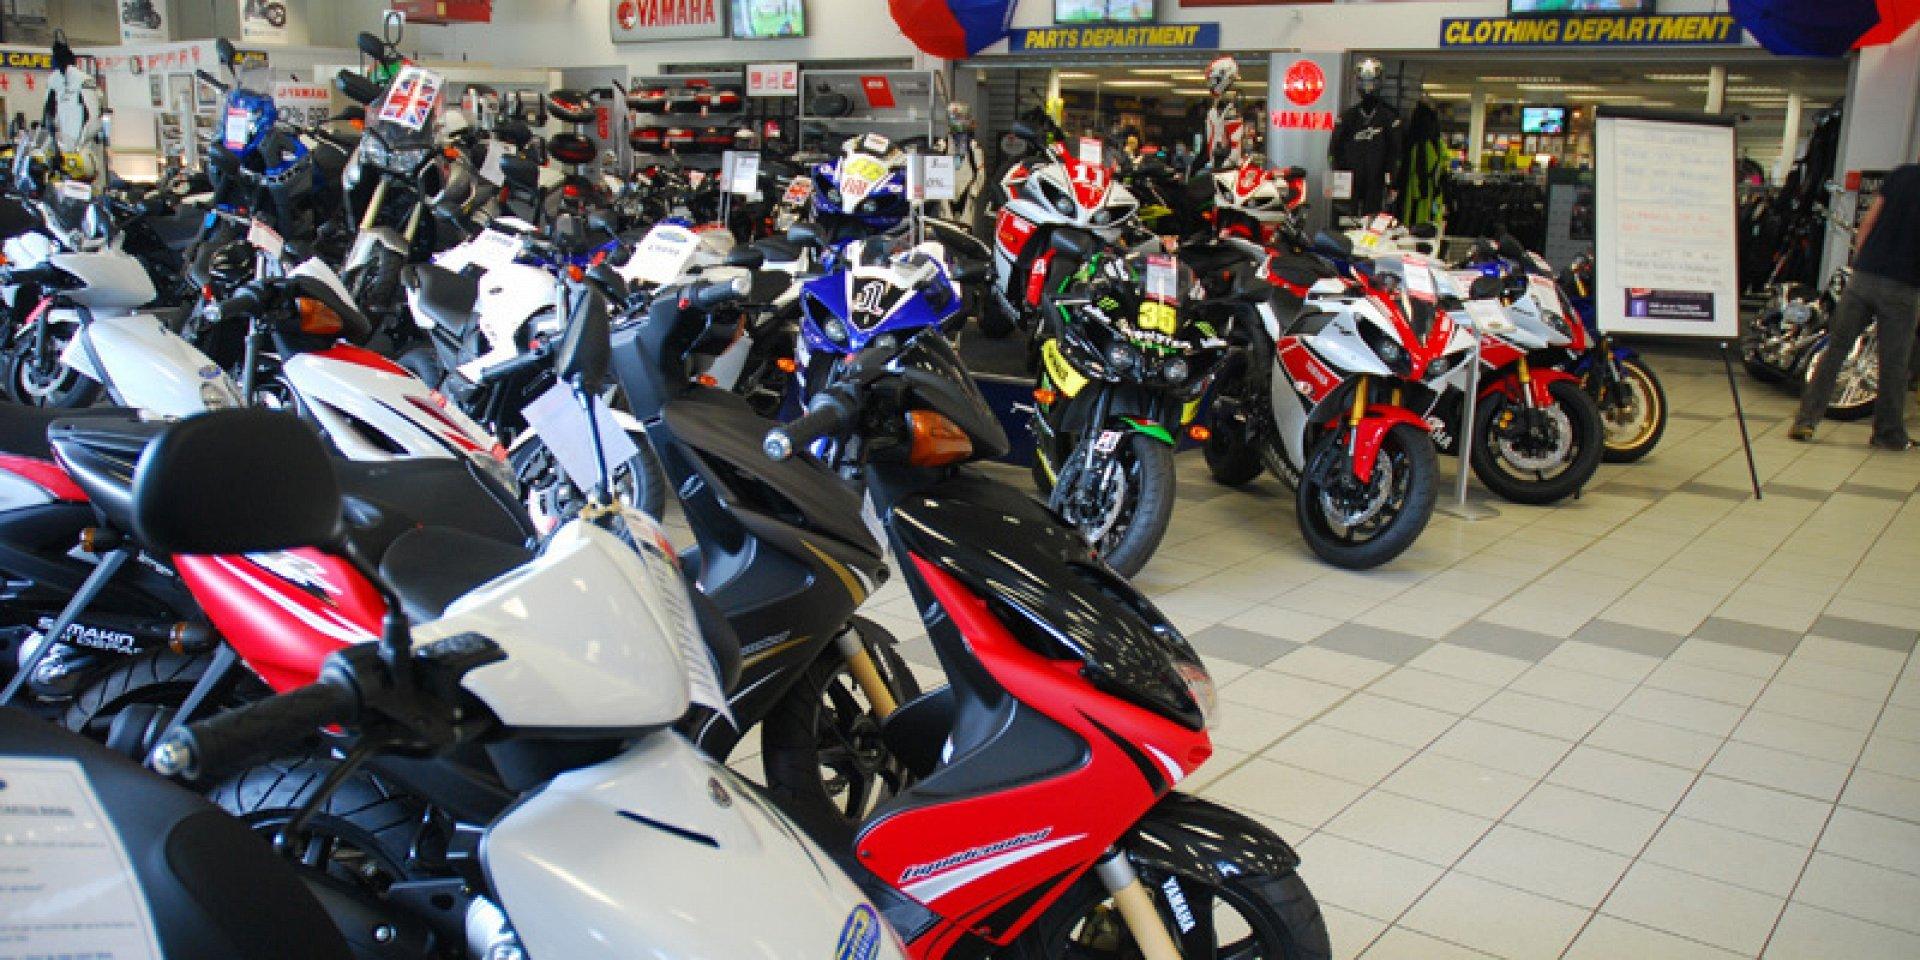 used motorcycle dealership